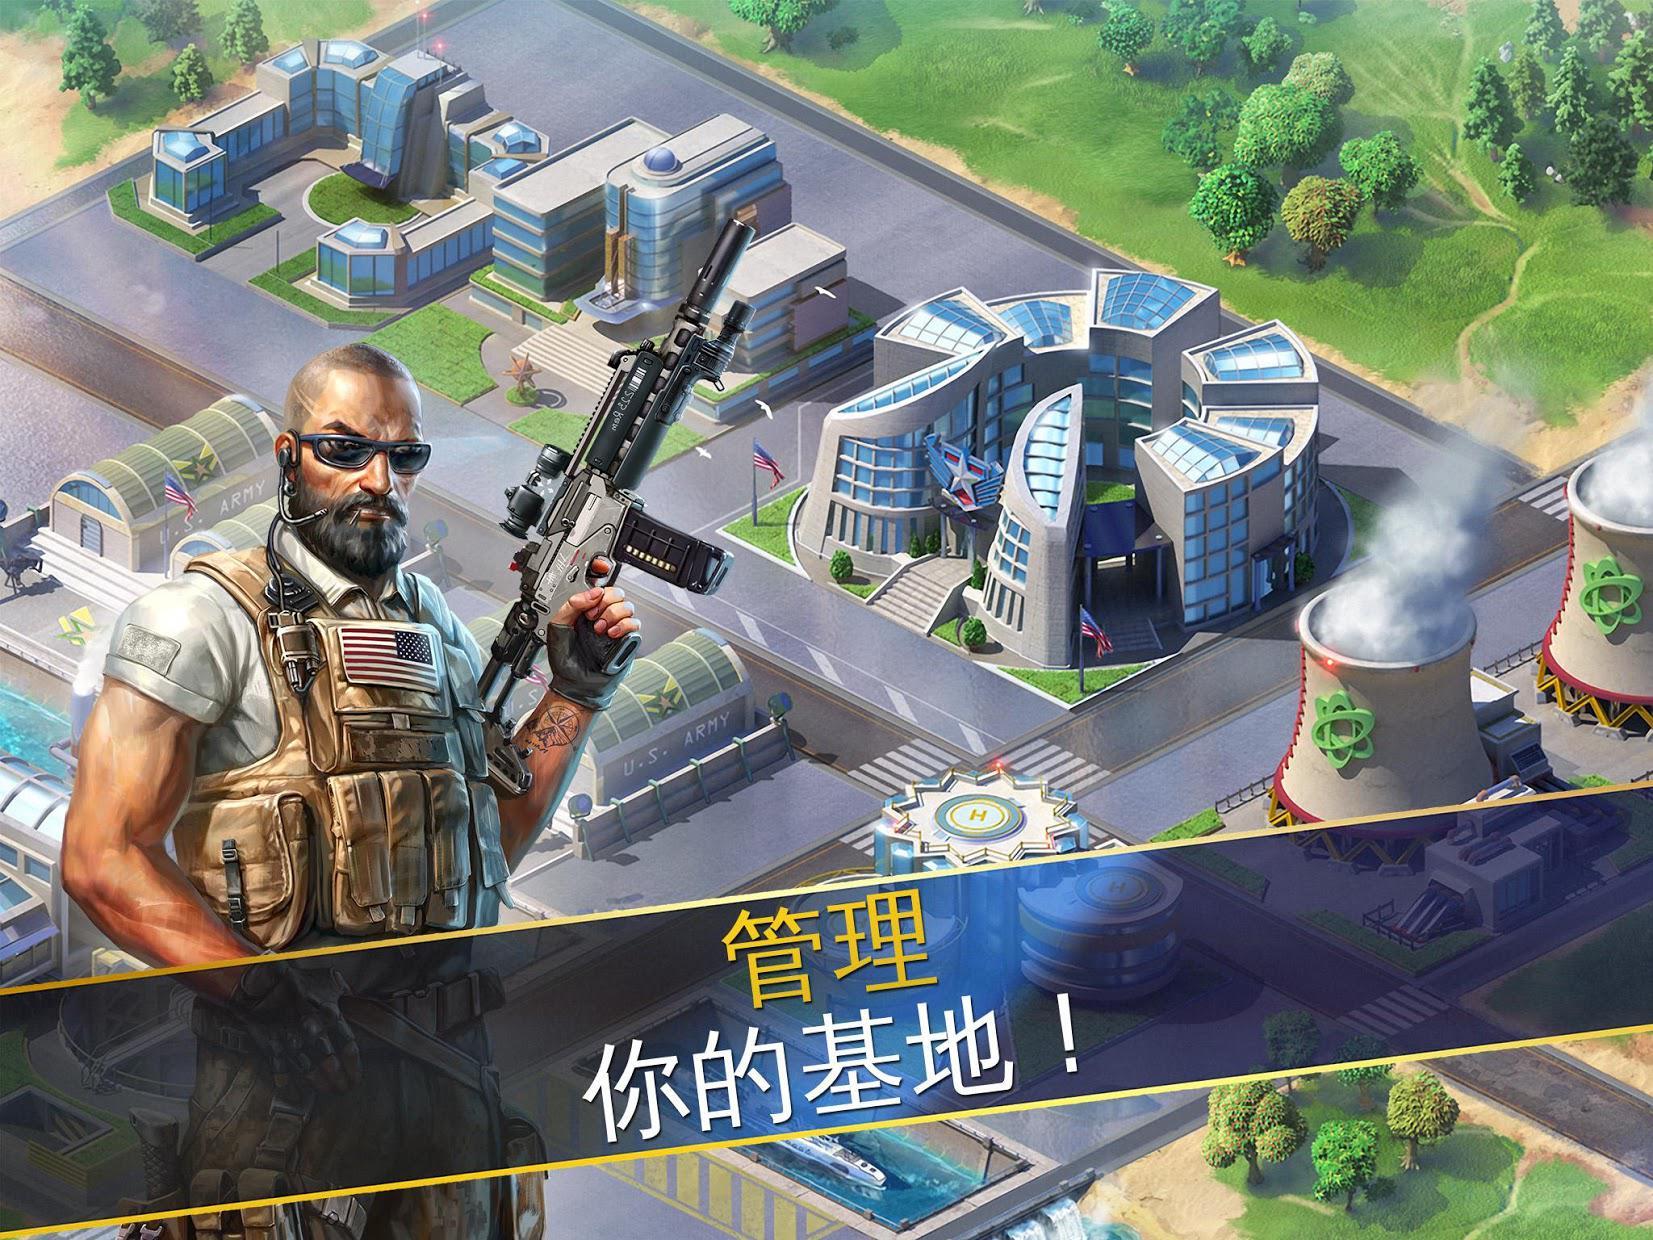 战争世界 游戏截图2